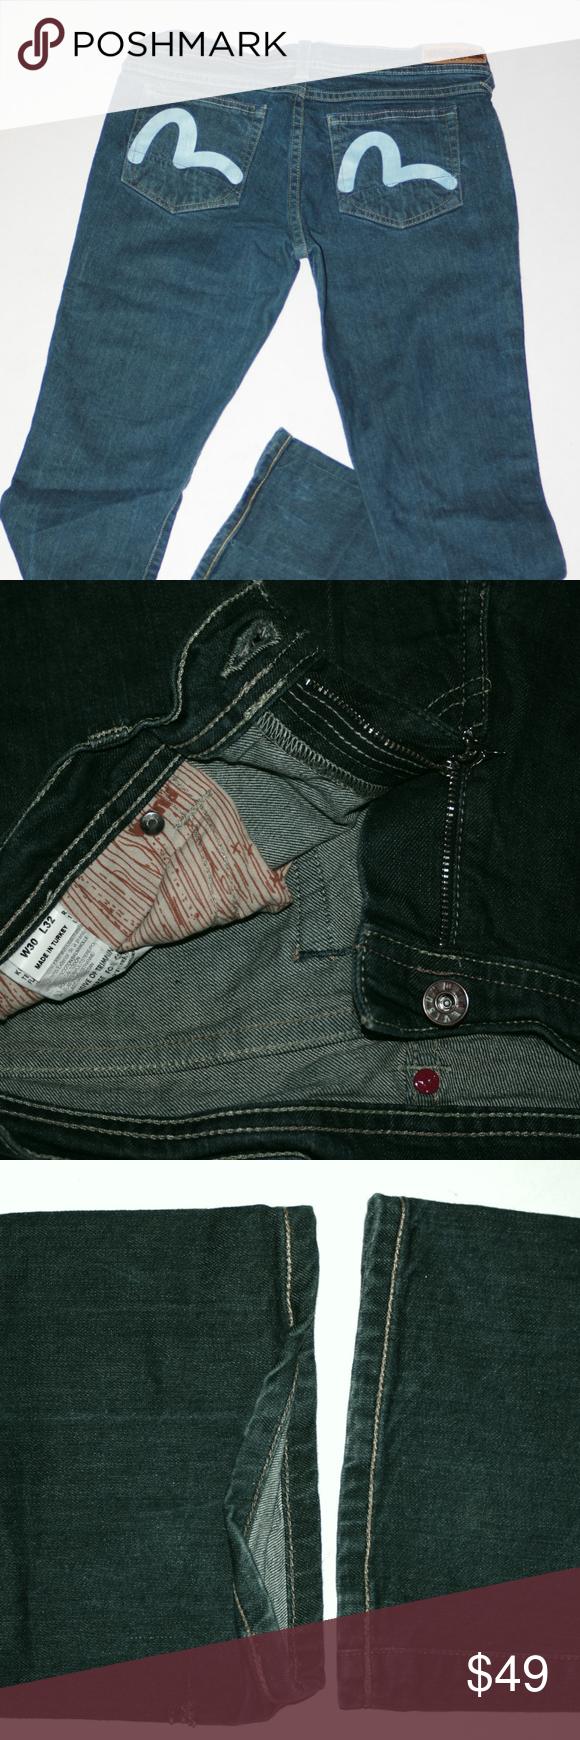 0ff13bf0ae1e Evisu x Puma collab Japanese Blue Jeans Stretch Puma x Evisu Jeans  collaboration Japanese Blue Jeans Stretch Denim Glove Fit Tag Size 30x32 Puma  Jeans ...